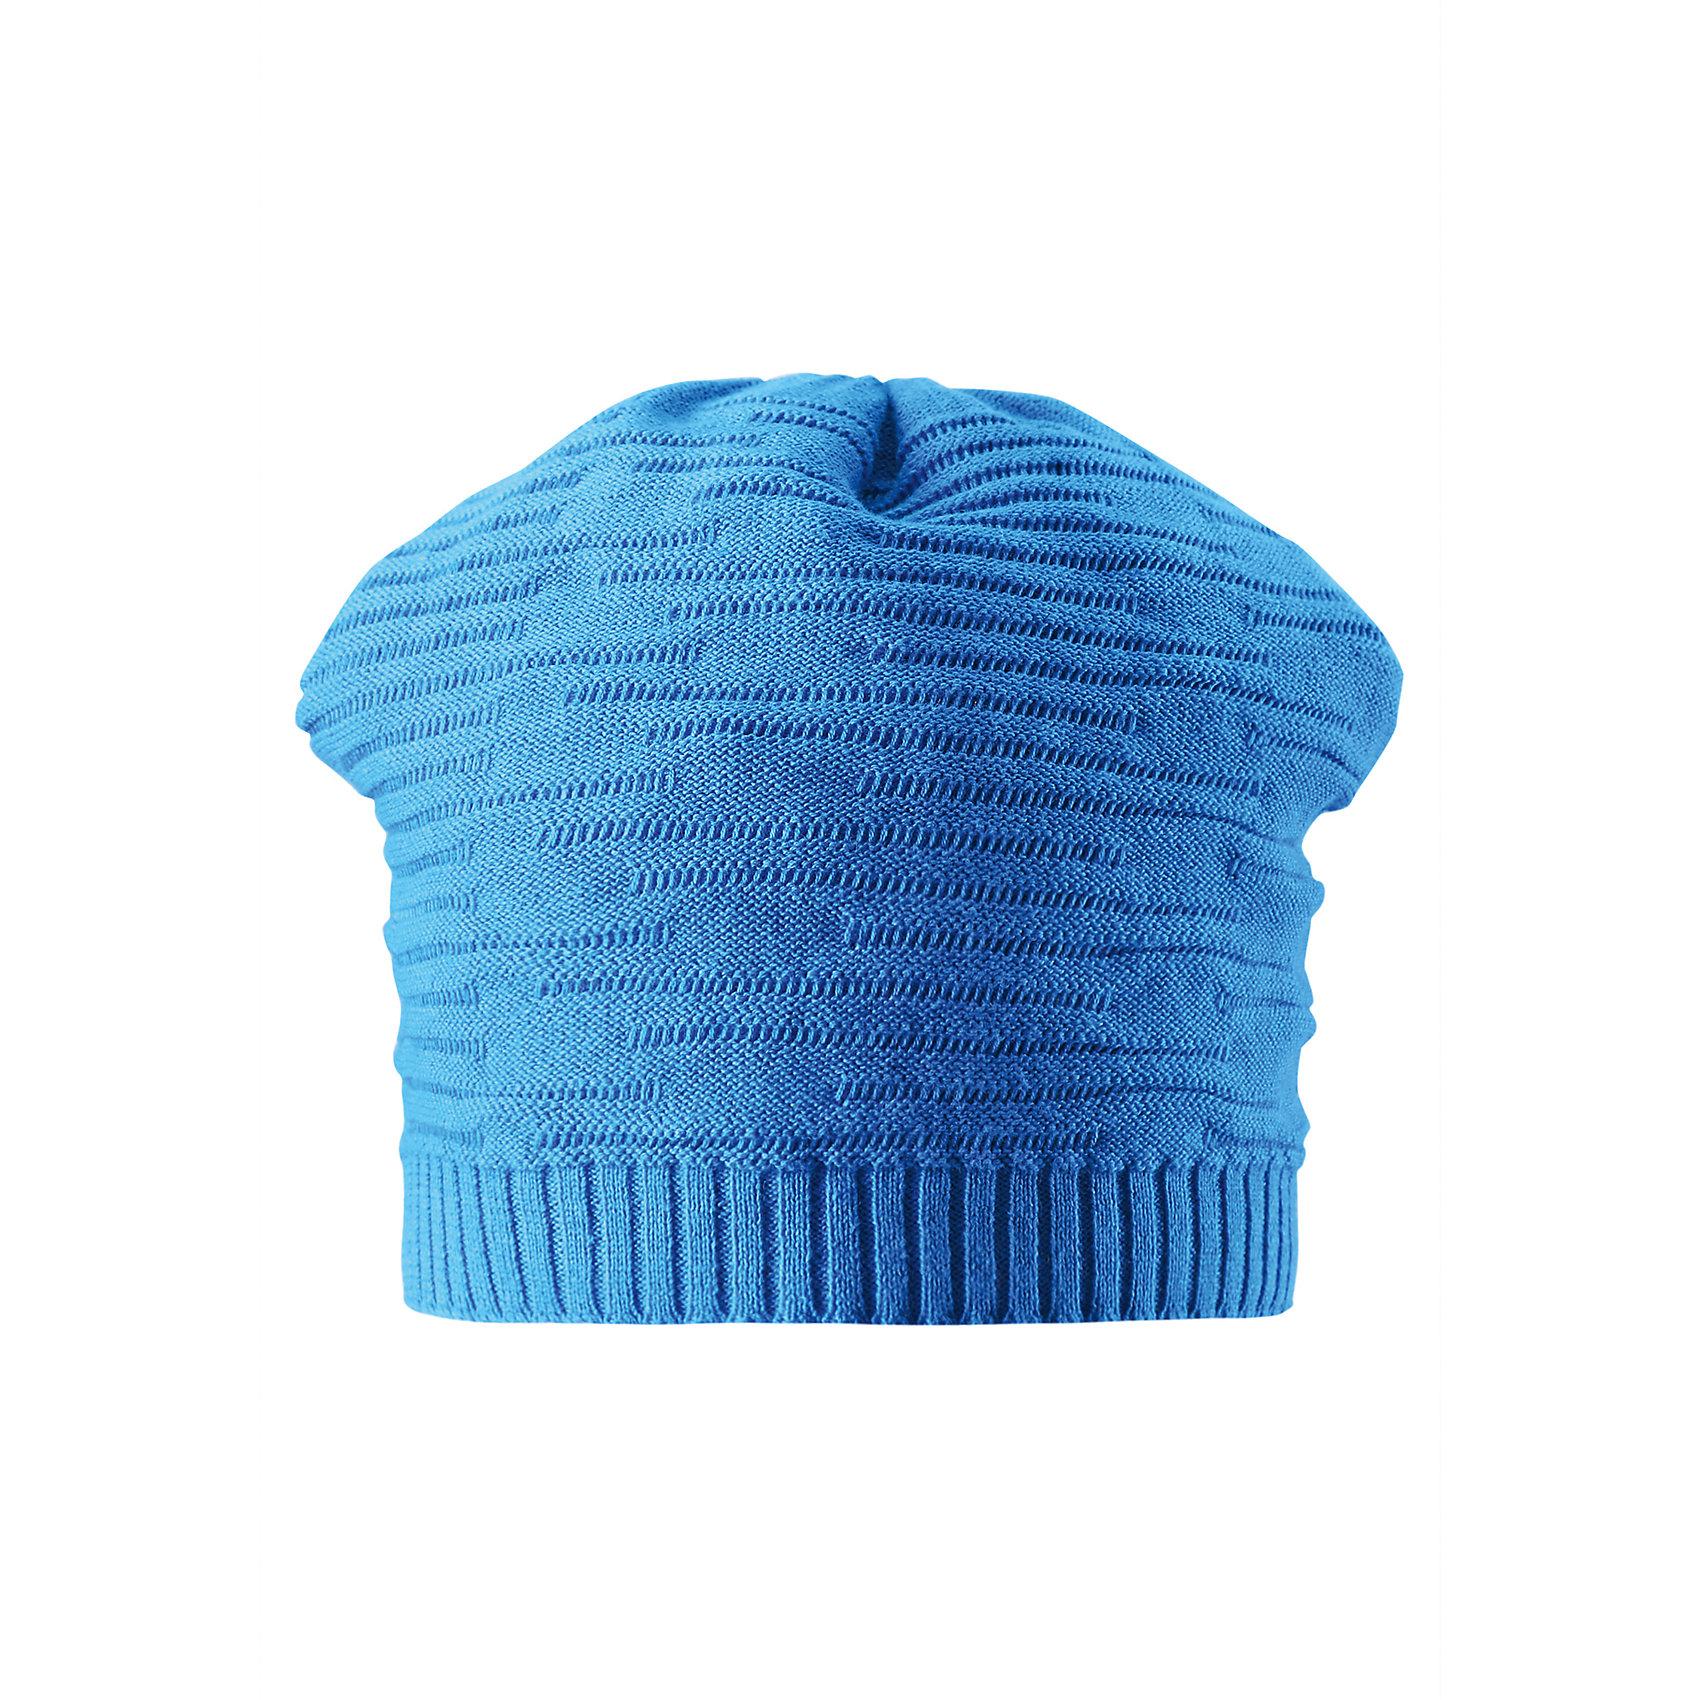 Шапка для мальчика ReimaУютная и теплая, но при этом дышащая детская шапочка идеально подойдет для теплых и веселых весенних деньков. Декоративная вязка создает модный образ, а свежие весенние цвета оживят любой наряд! Эта модель не имеет подкладки, поэтому она легкая и отлично подойдет для солнечных дней.<br><br>Дополнительная информация:<br><br>Шапка «Бини» для детей<br>Эластичная хлопчатобумажная ткань<br>Легкий стиль, без подкладки<br>Логотип Reima® сзади<br>Декоративный вязаный узор<br>Состав:<br>100% хлопок<br>Уход:<br>Стирать по отдельности, вывернув наизнанку. Придать первоначальную форму вo влажном виде. Возможна усадка 5 %.<br><br>Ширина мм: 89<br>Глубина мм: 117<br>Высота мм: 44<br>Вес г: 155<br>Цвет: голубой<br>Возраст от месяцев: 72<br>Возраст до месяцев: 84<br>Пол: Мужской<br>Возраст: Детский<br>Размер: 54,56,50,52<br>SKU: 4498298